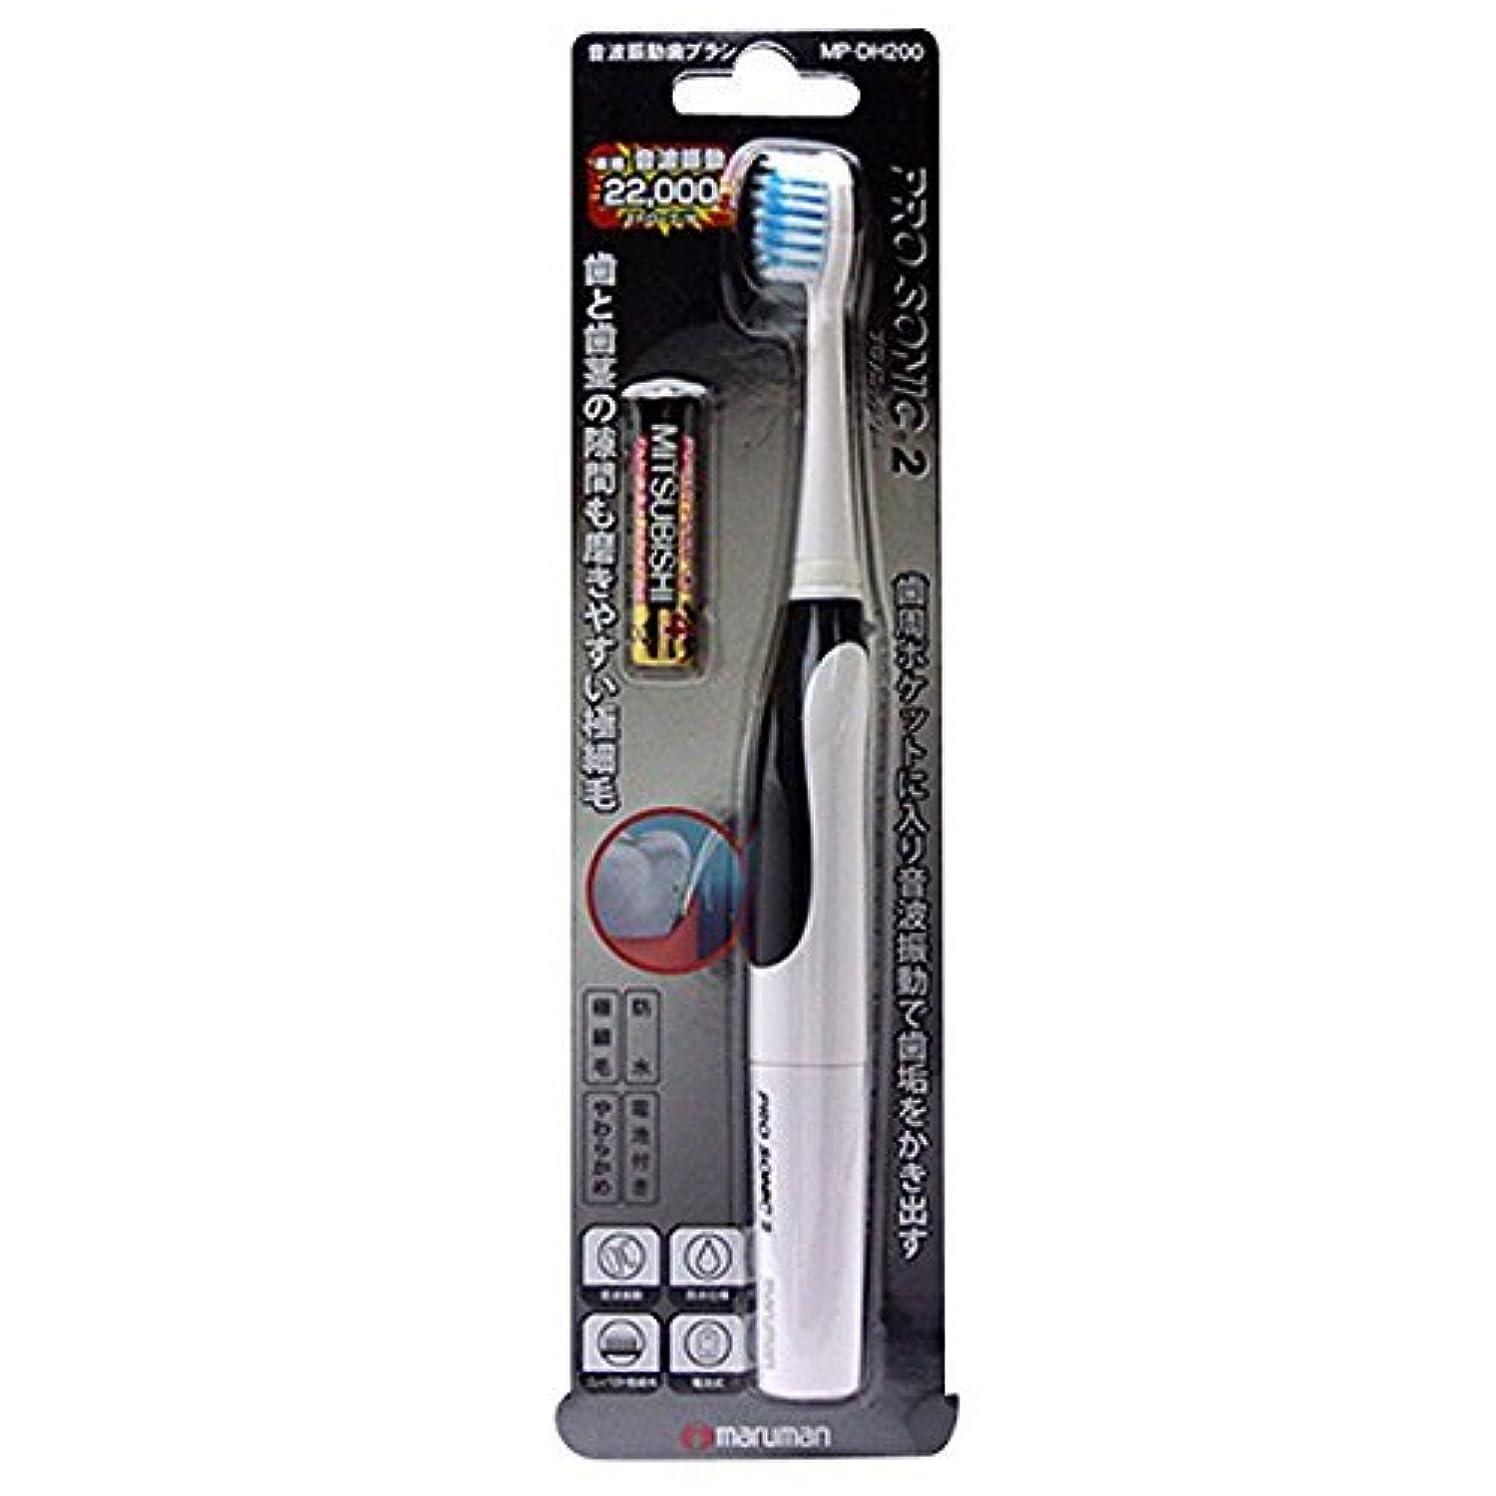 先例条約狂気音波振動歯ブラシ PROSONIC2(プロソニック ツー) MP-DH200BK ブラック